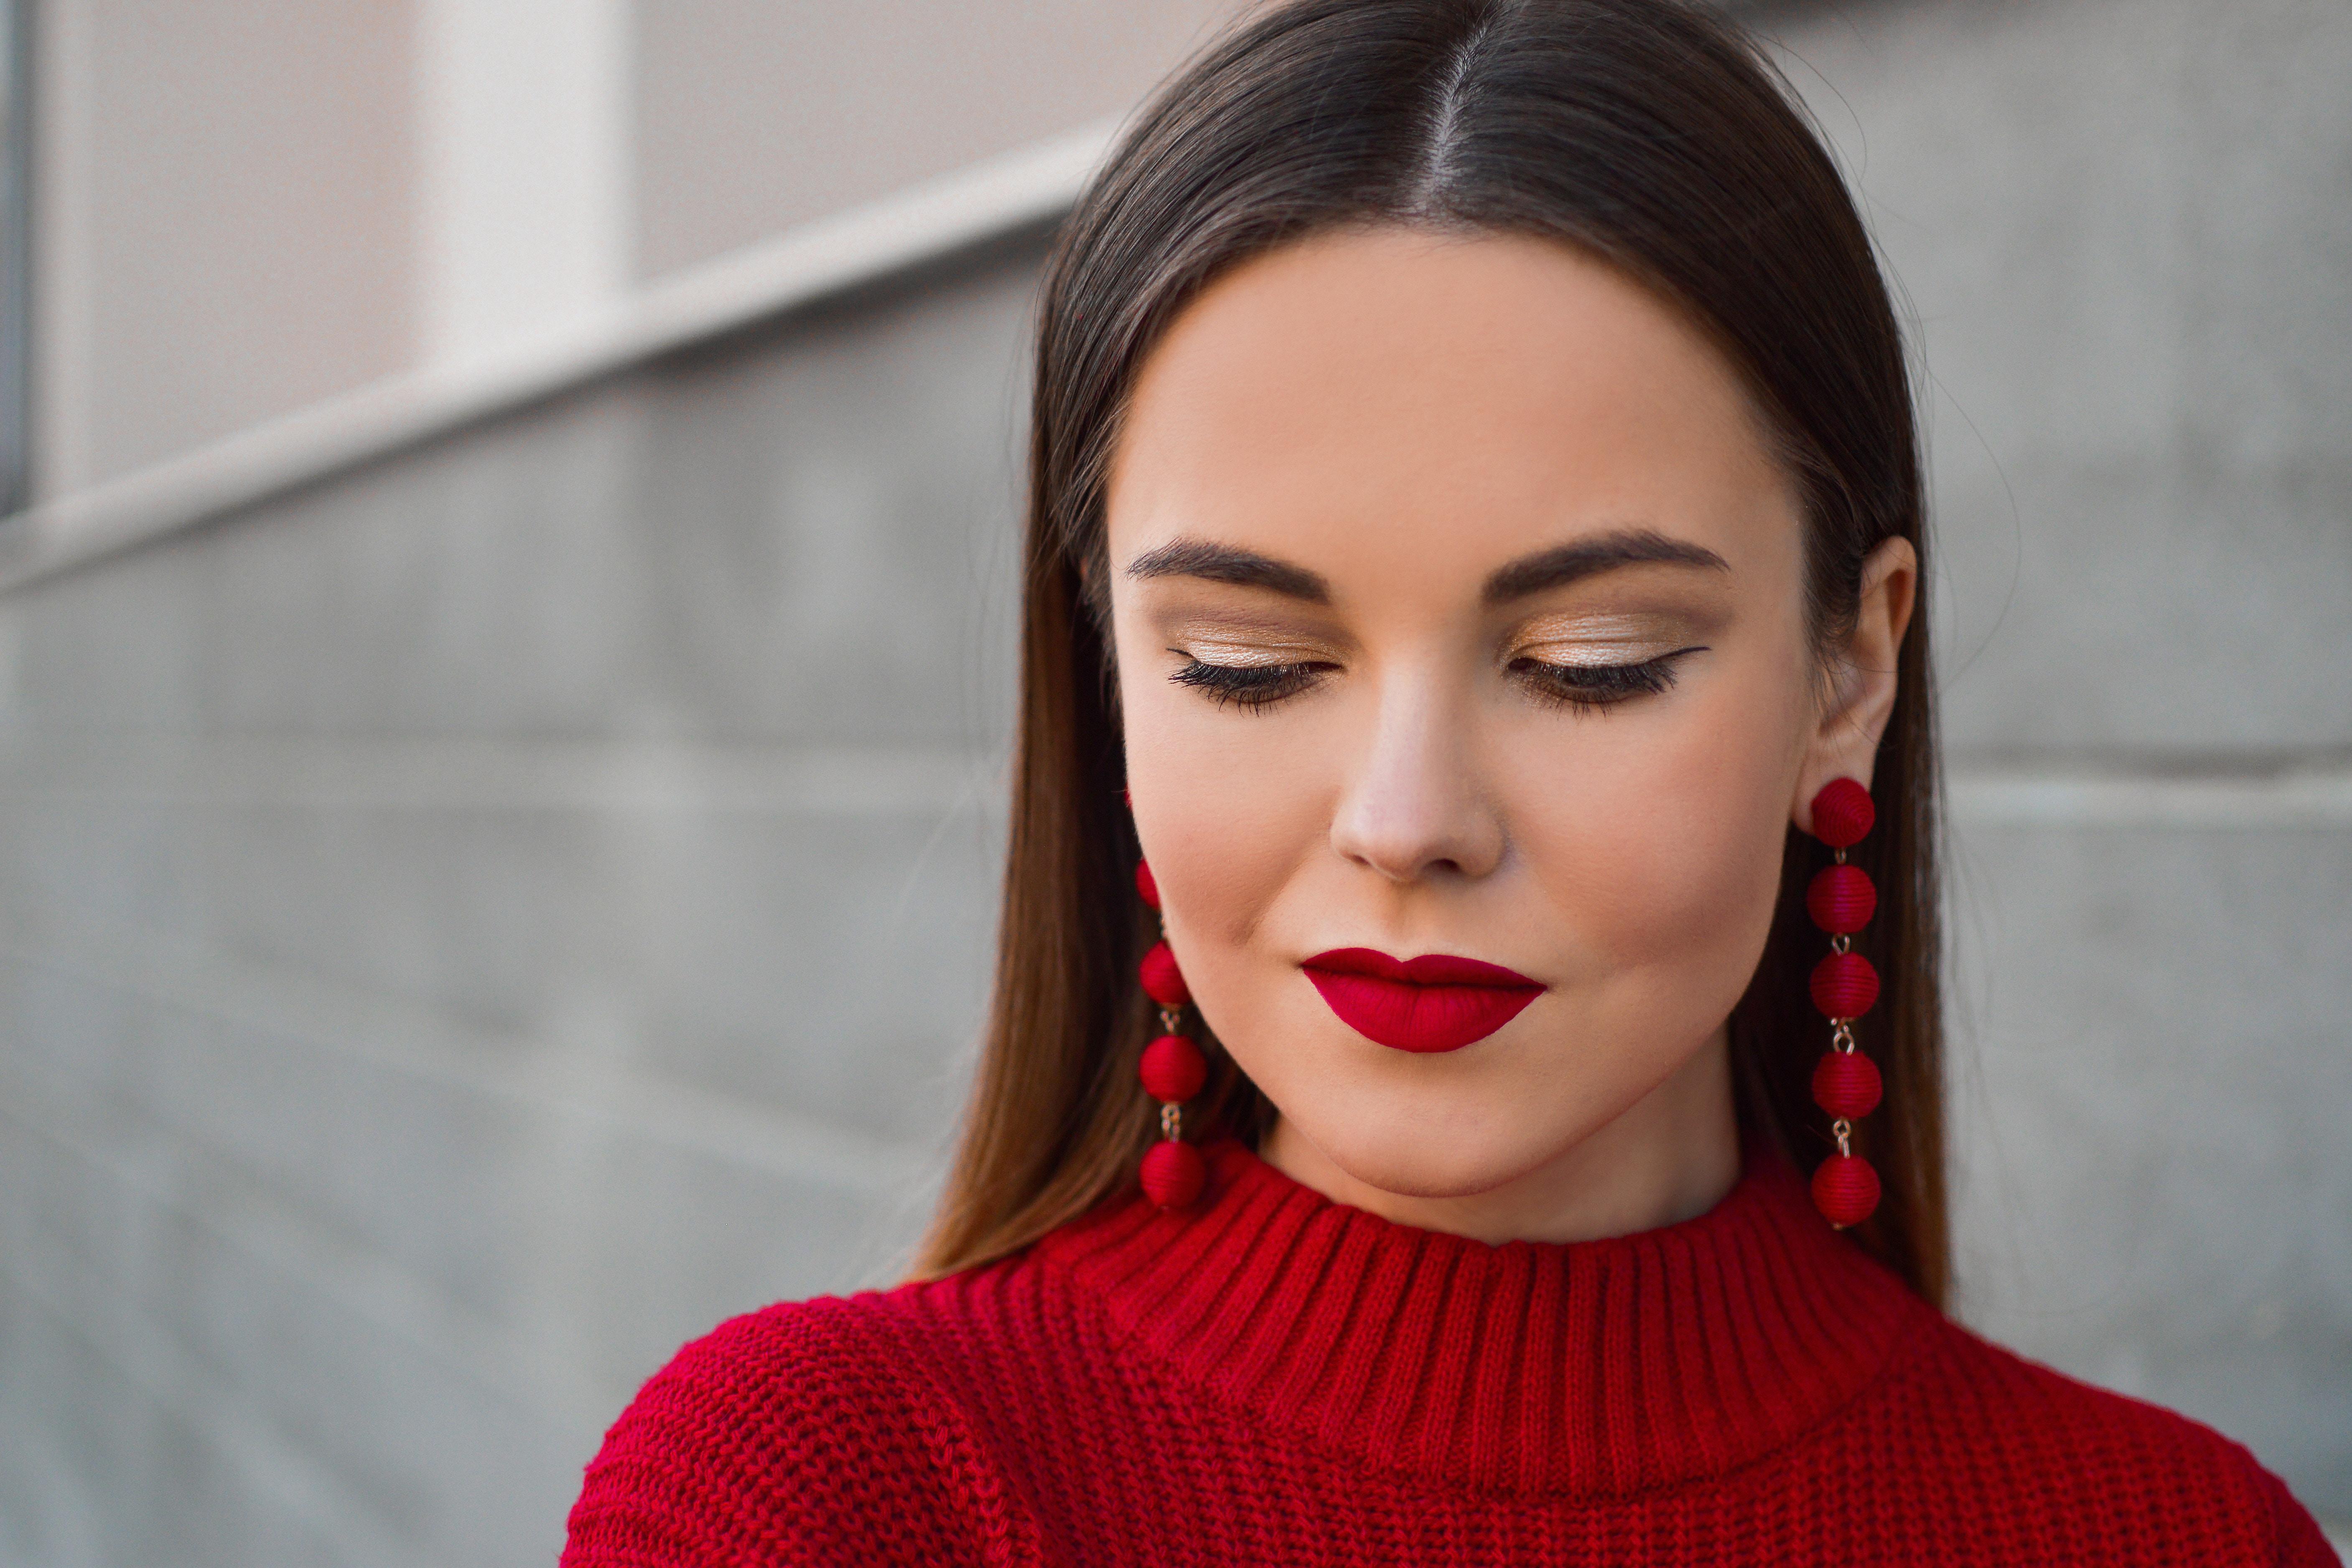 Jak powiększyć usta makijażem?